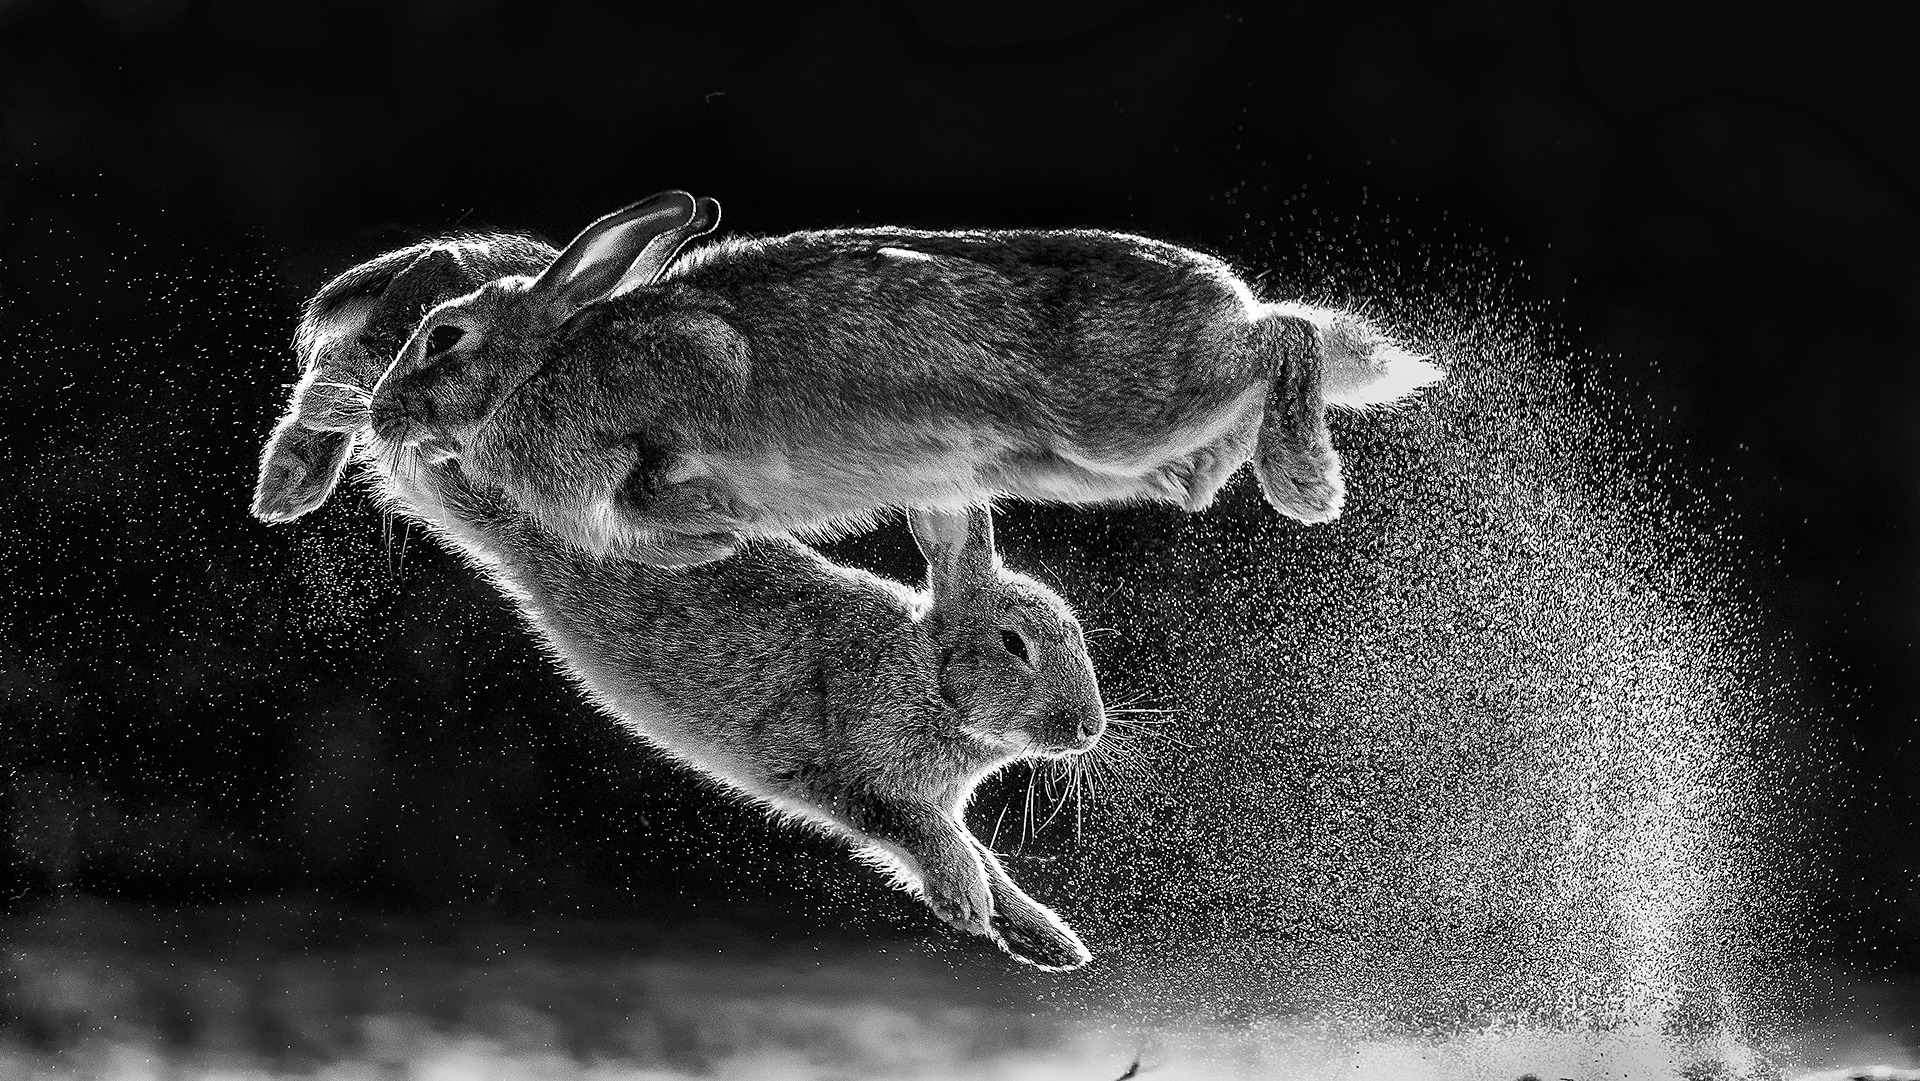 C09_76362_Black-and-white_winner_Overall-winner_Jump_Csaba-Daroczi_HUN-1.jpg